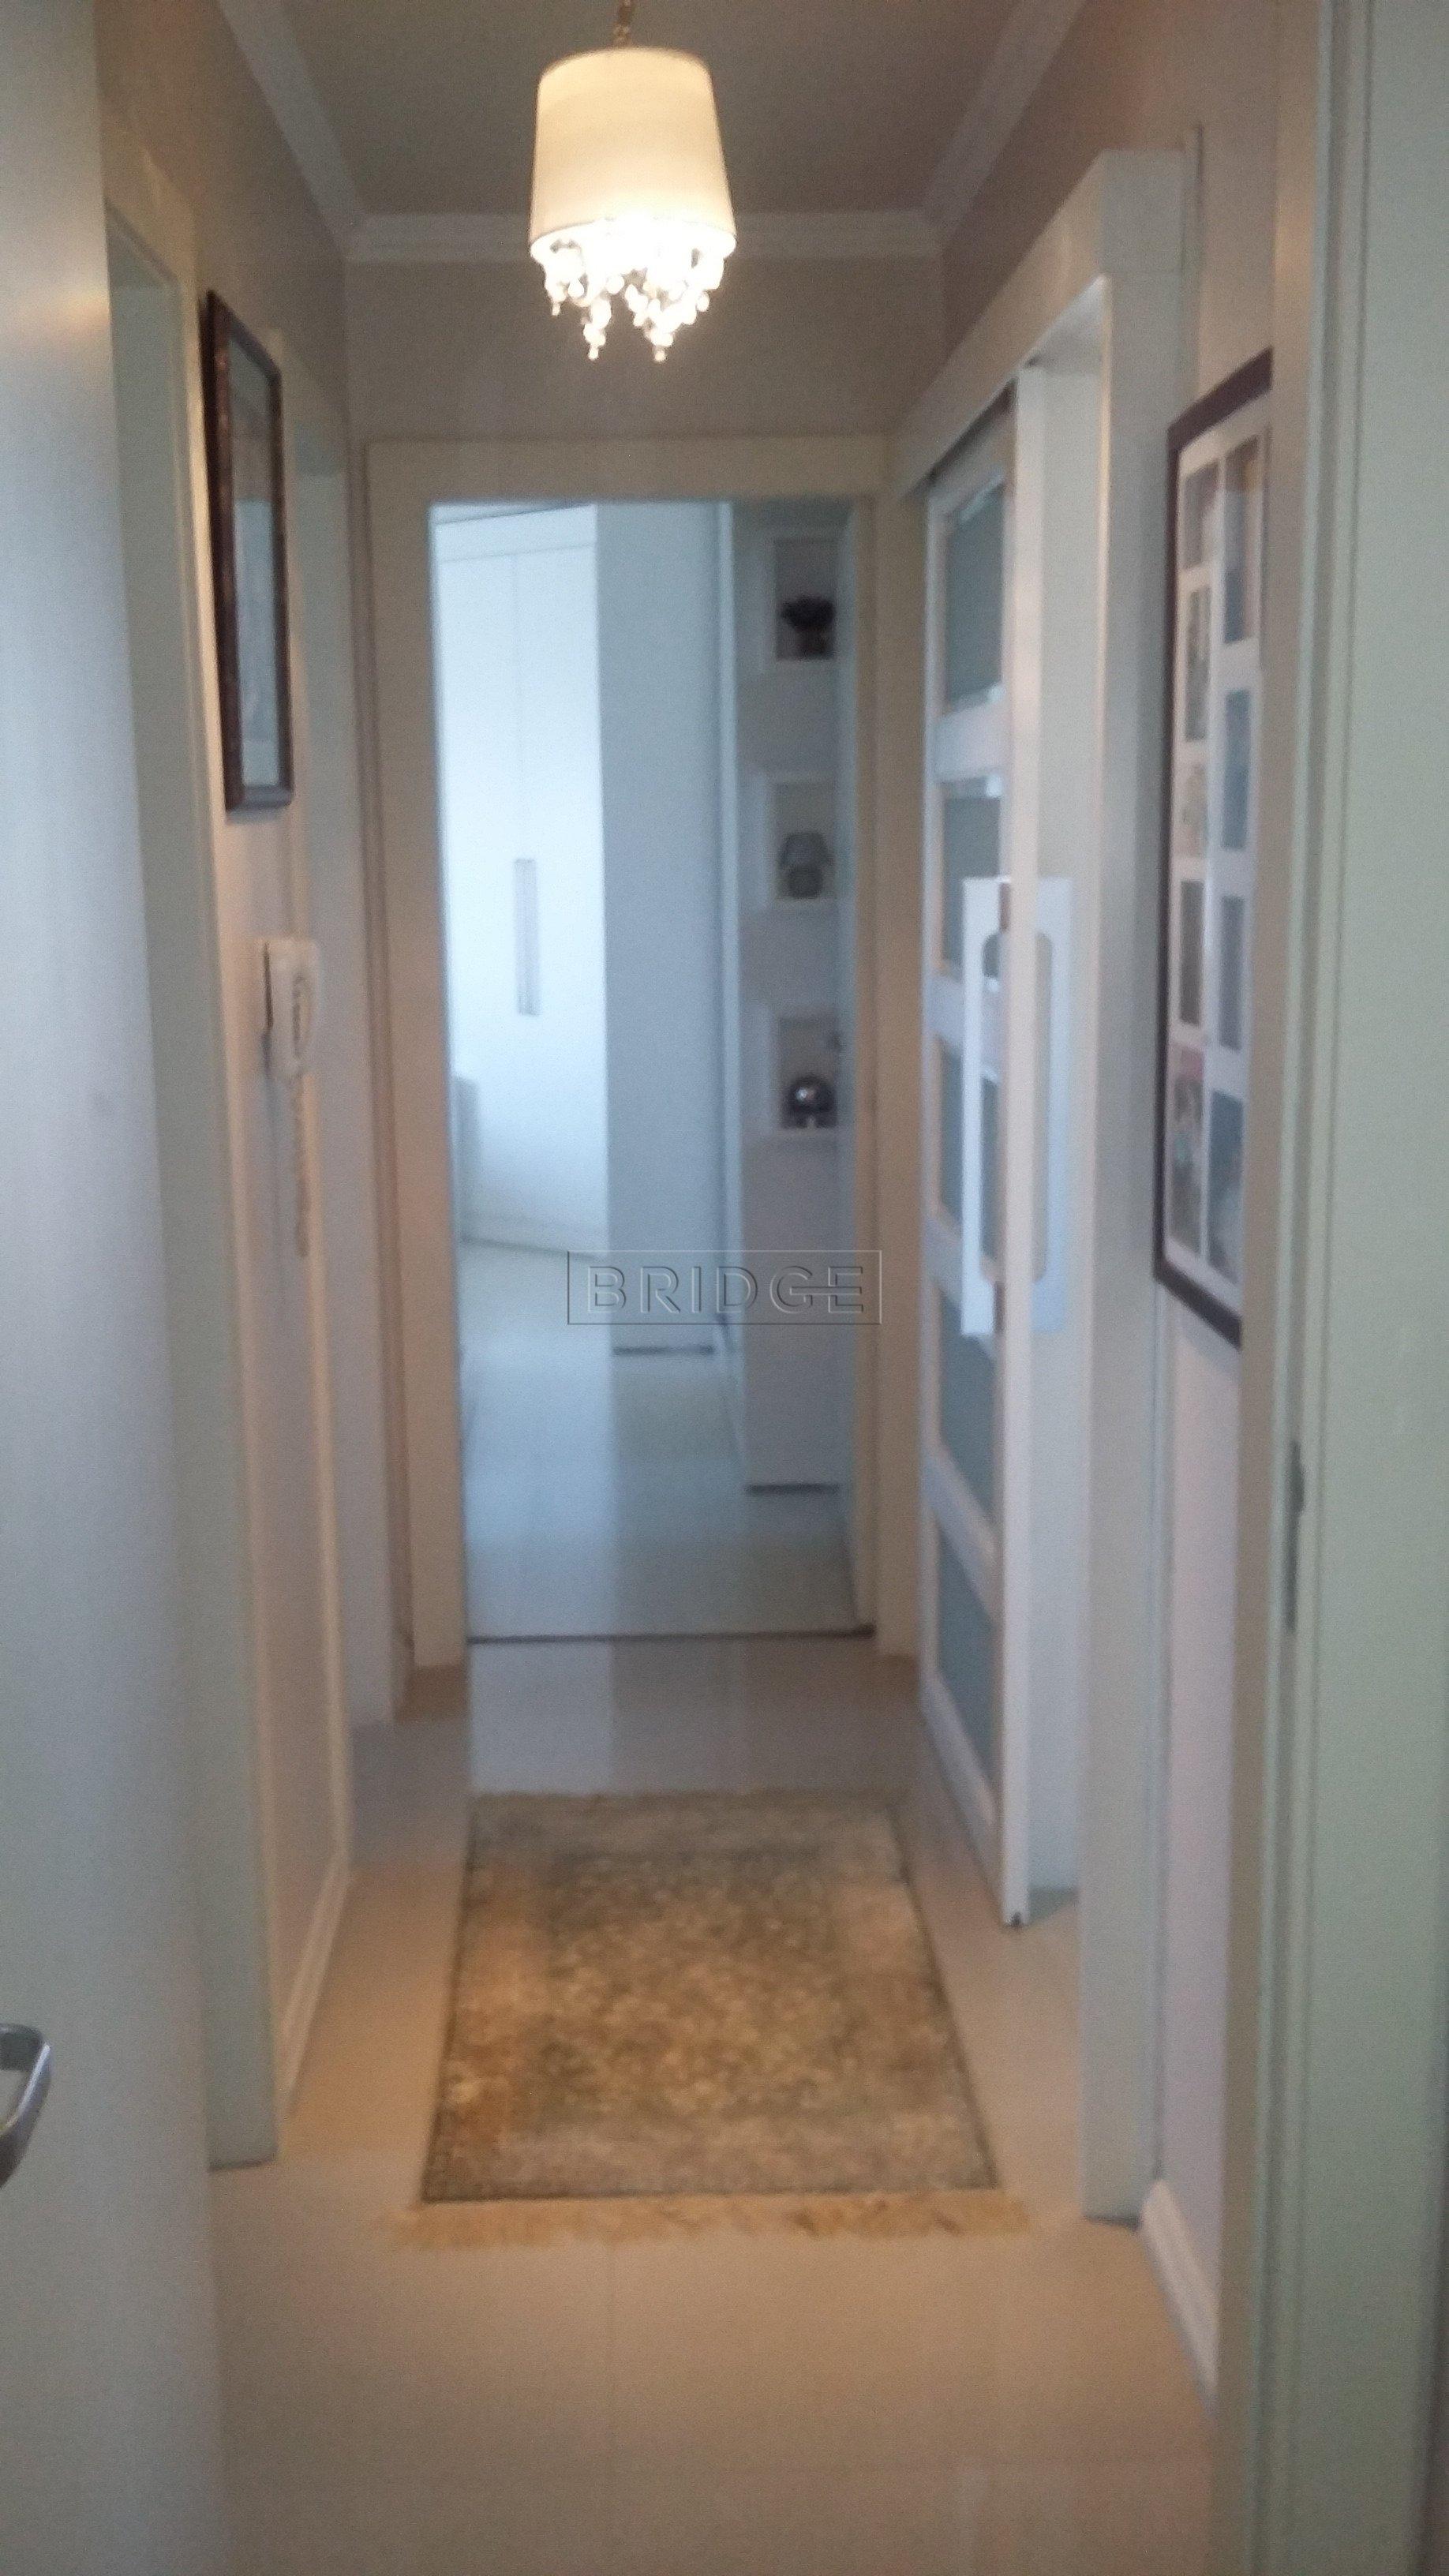 Imagens de #836848 Apartamento com 3 Dormitórios 1 Suíte e 2 Vagas de Garagem à venda  1836x3264 px 3728 Banheiros Planejados Porto Alegre